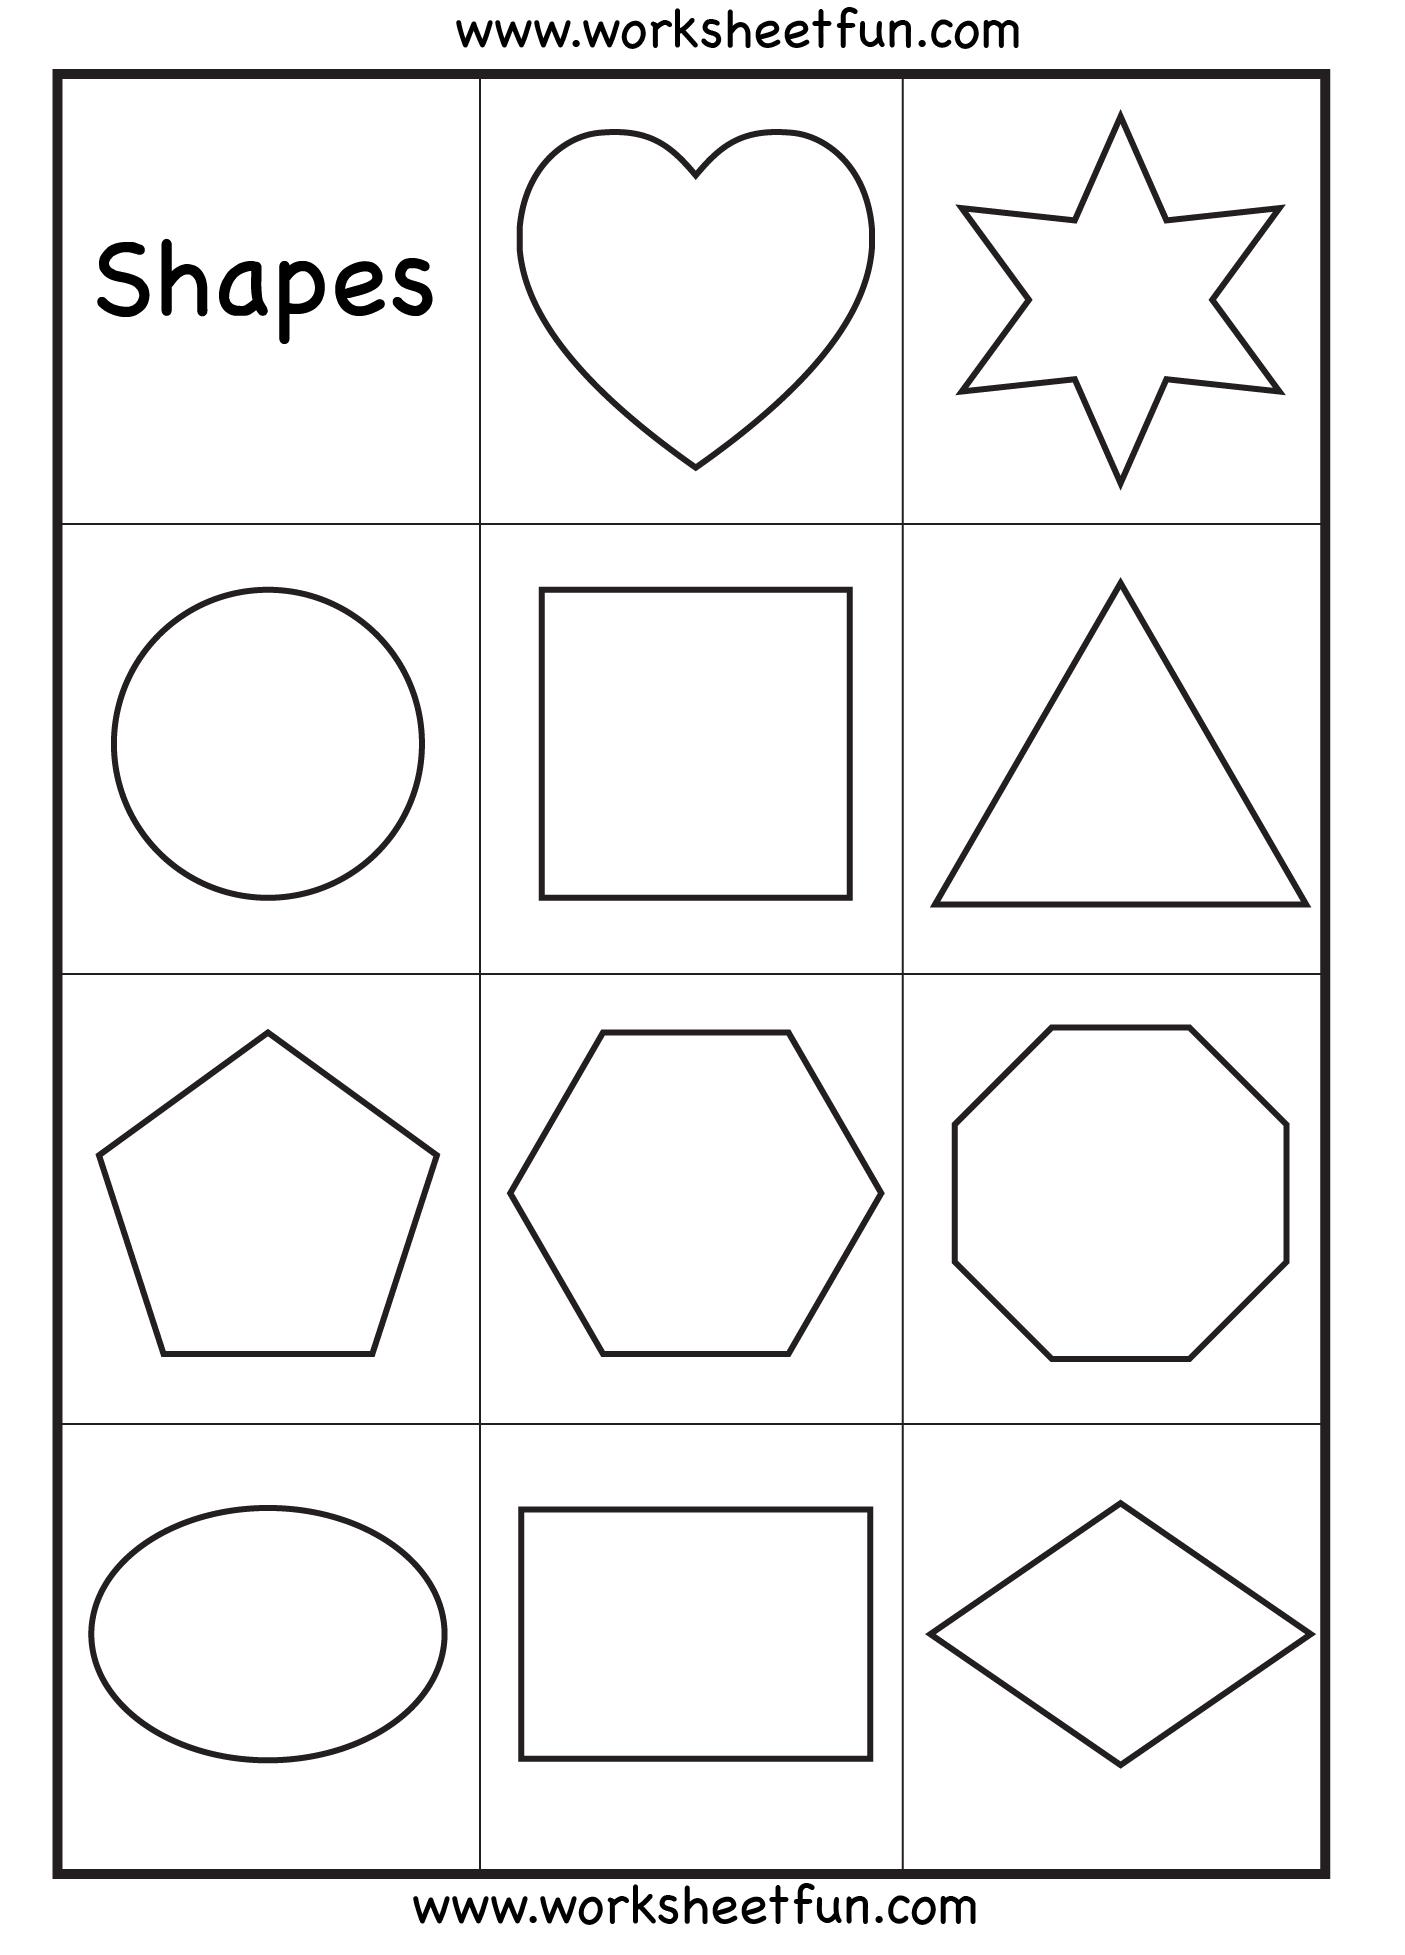 Shape Worksheets For Kindergarten – Shape Worksheets for Kindergarten